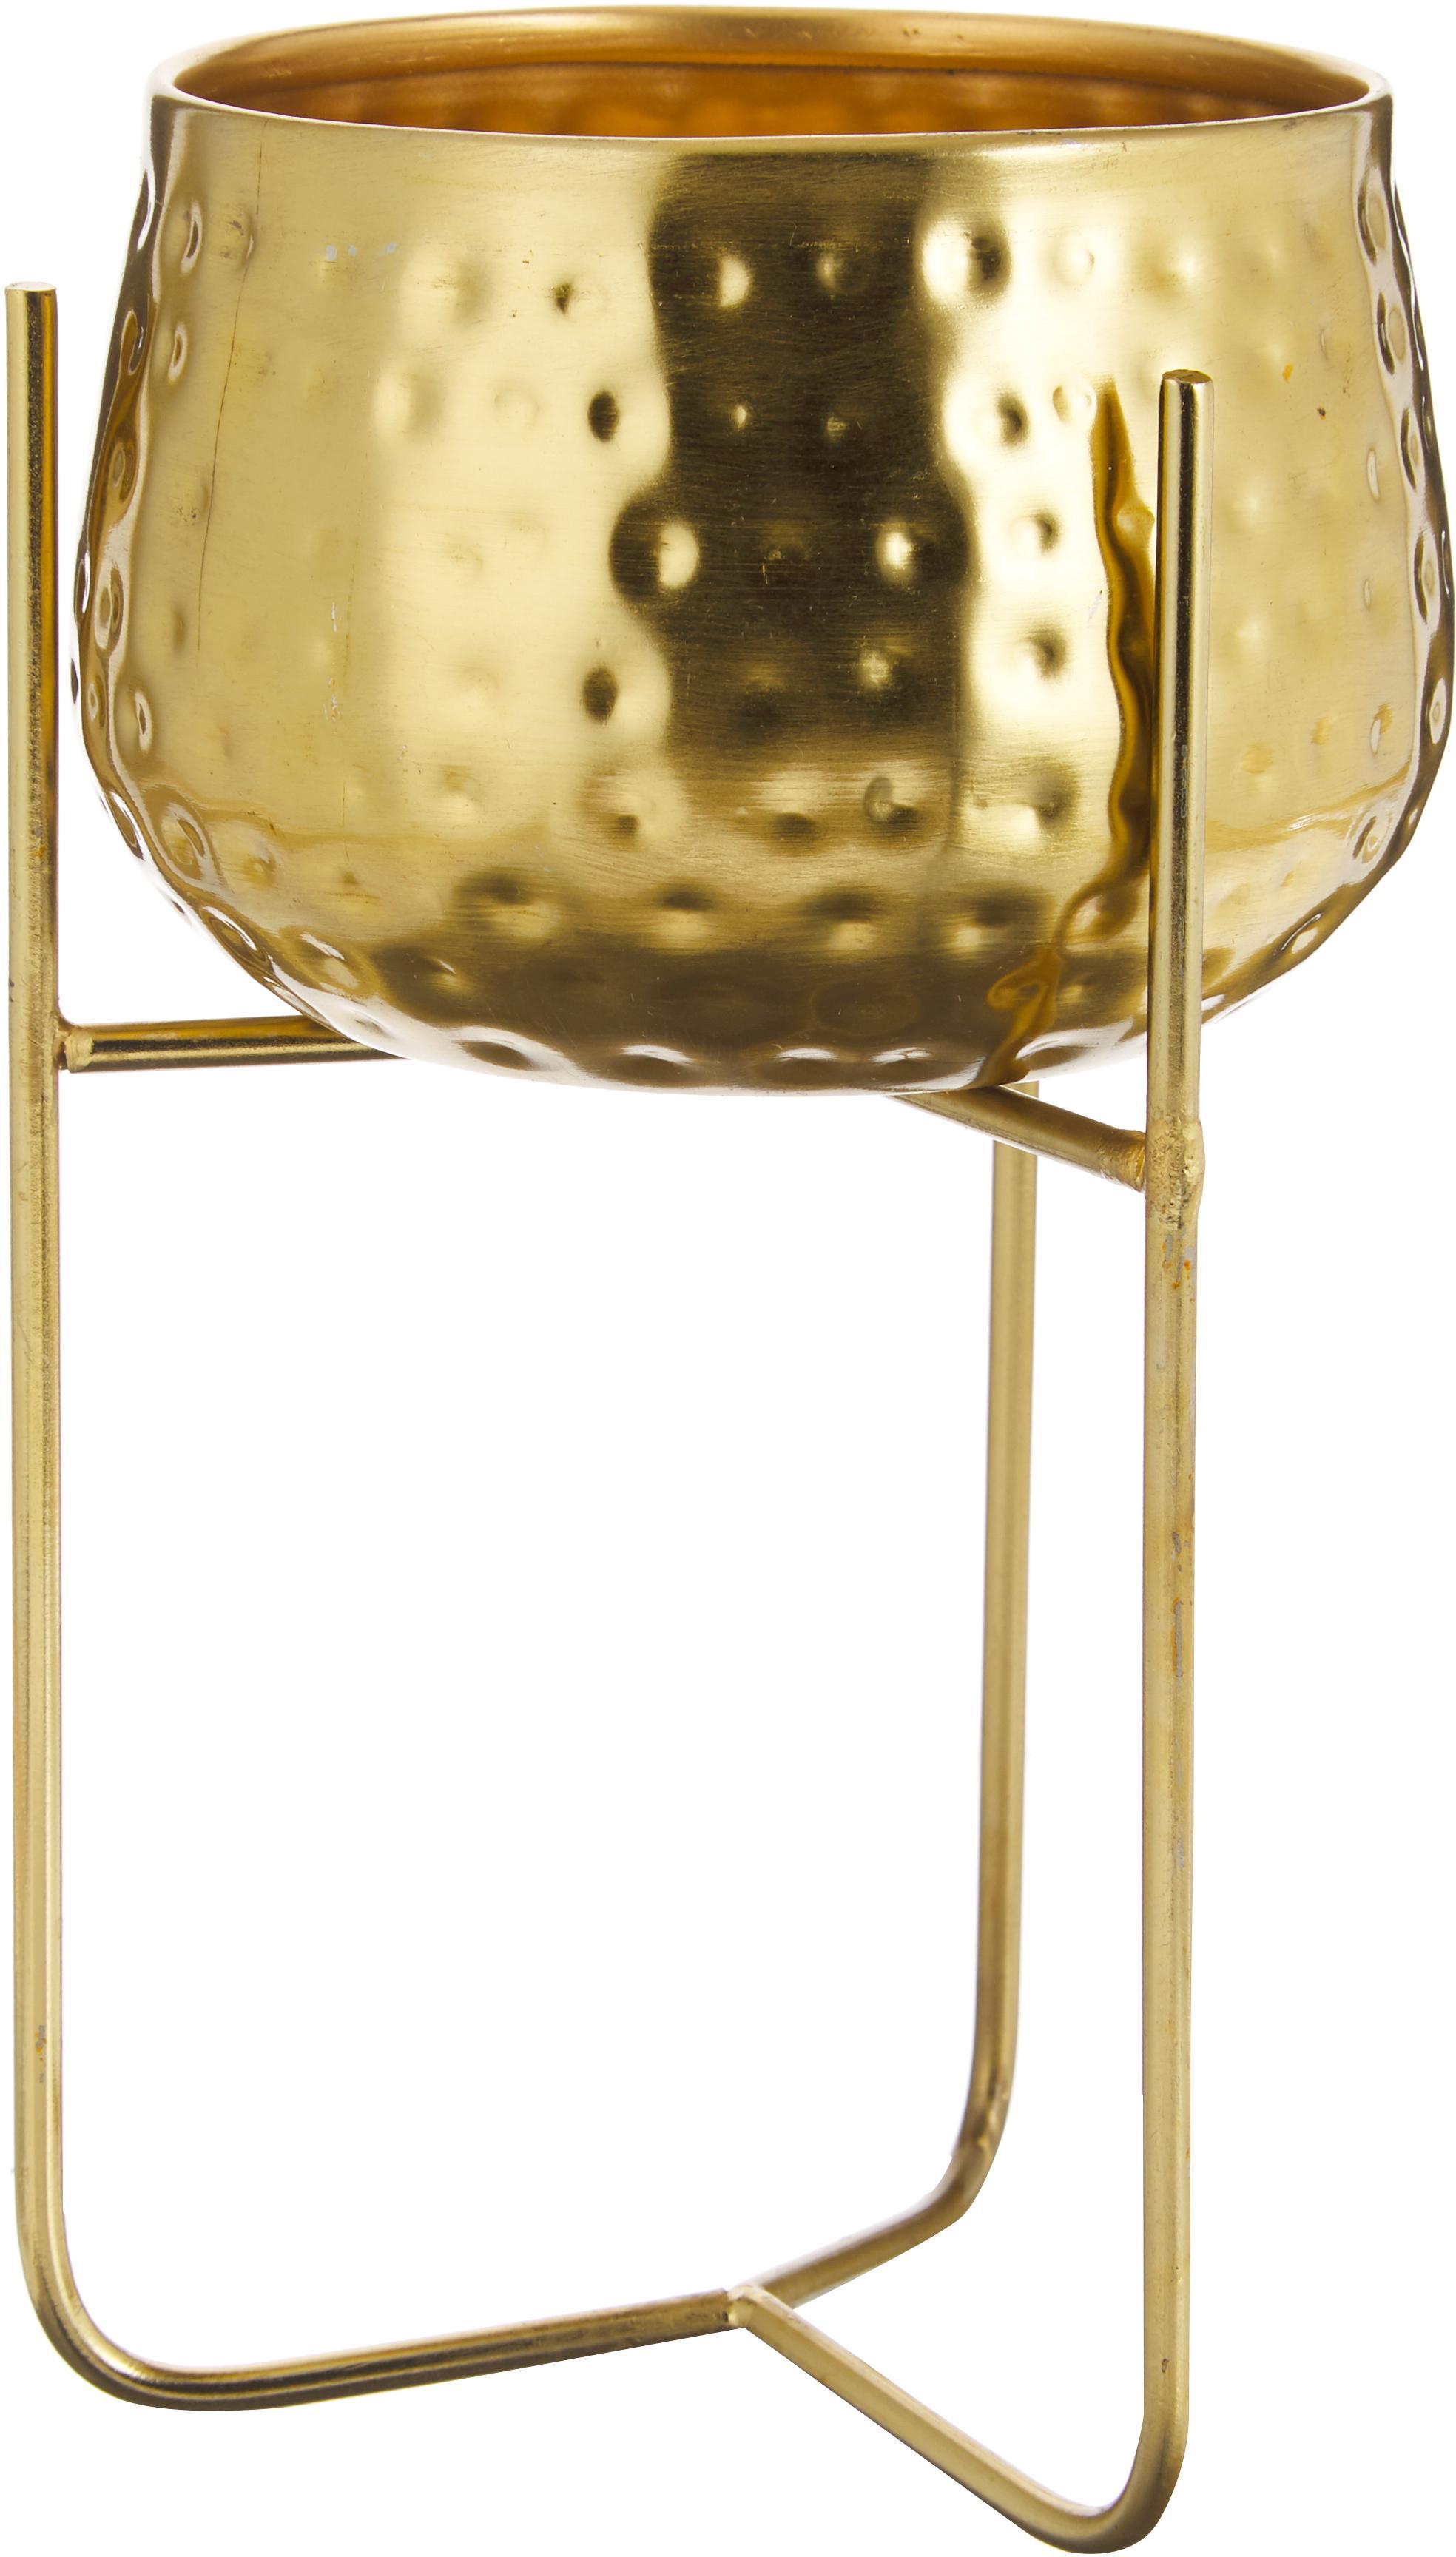 Übertopf Werton, Metall, beschichtet, Goldfarben, Ø 13 x H 23 cm